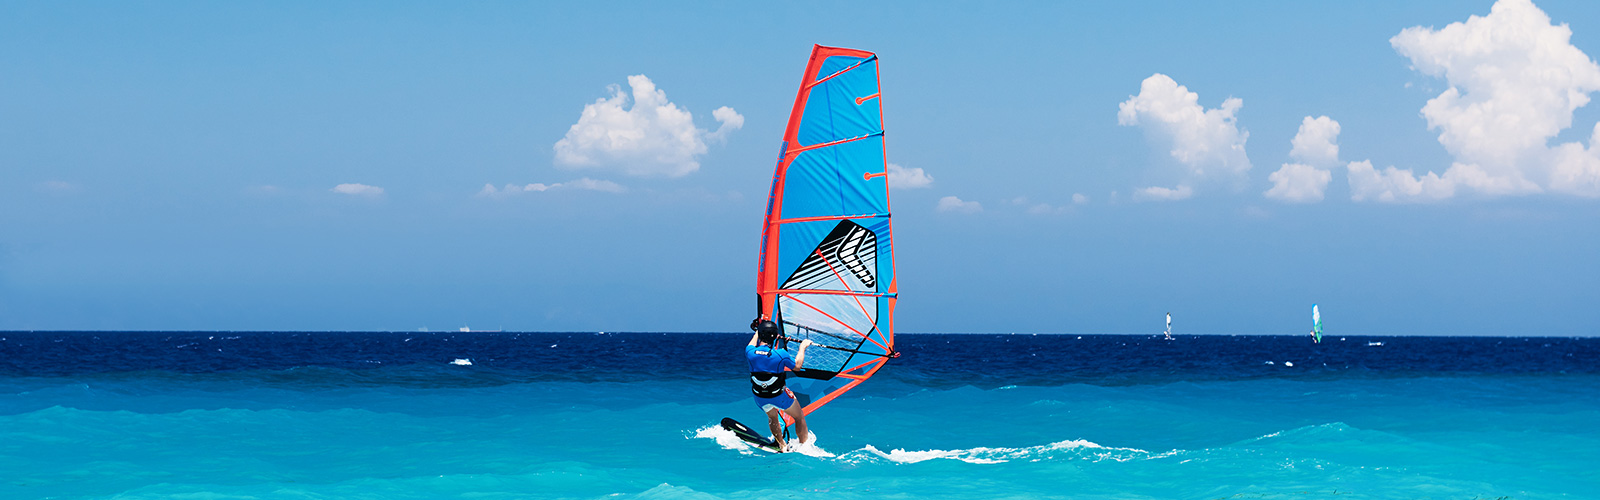 Windsurfing Maldives Watersports